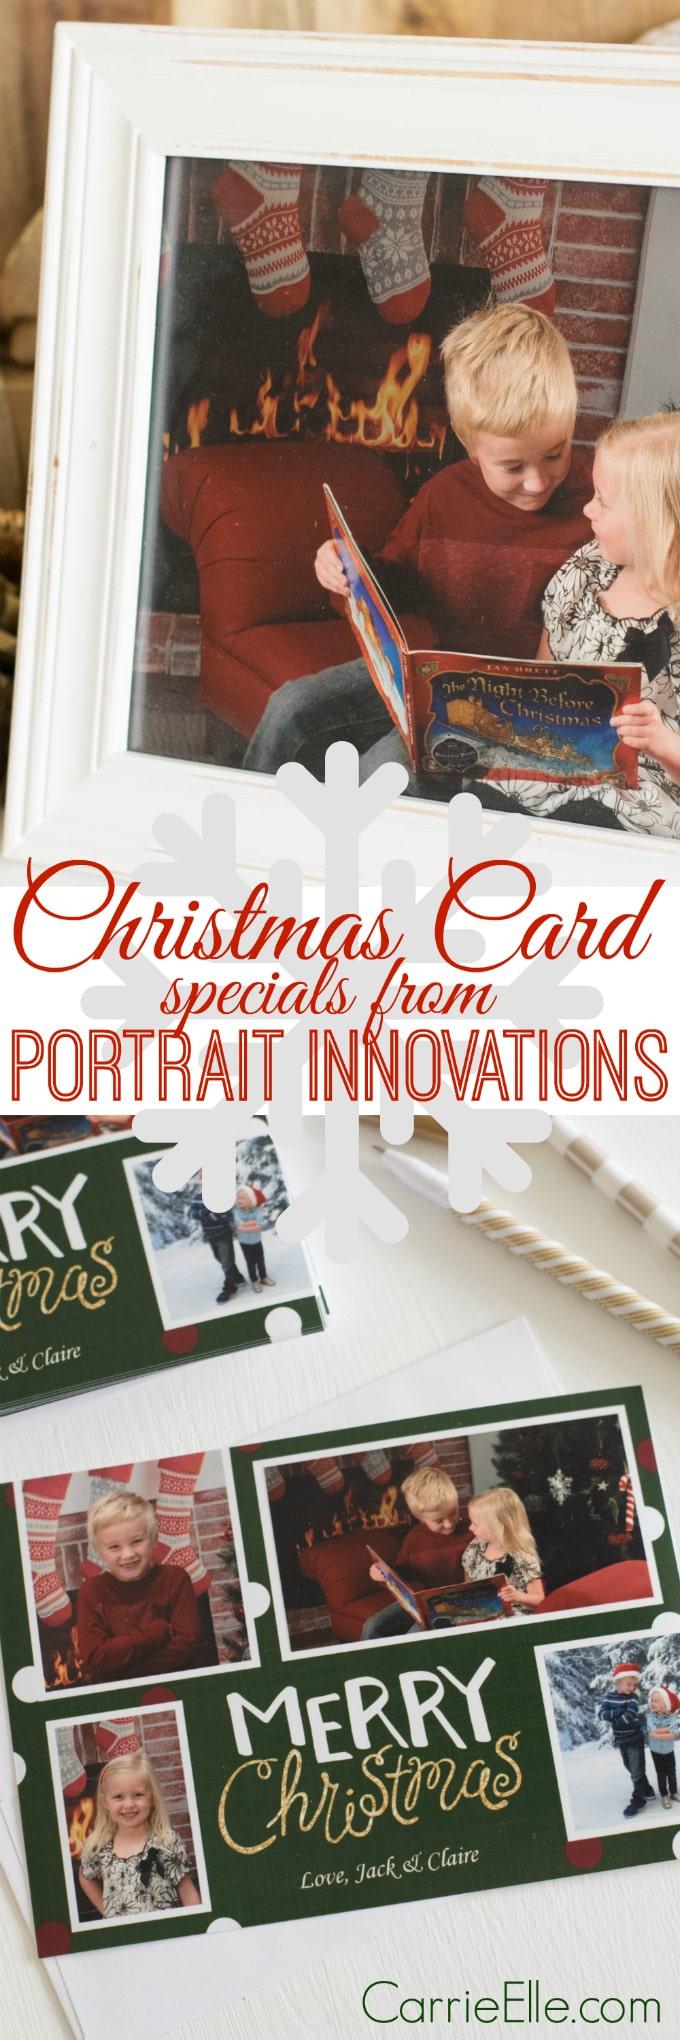 Christmas Card Specials